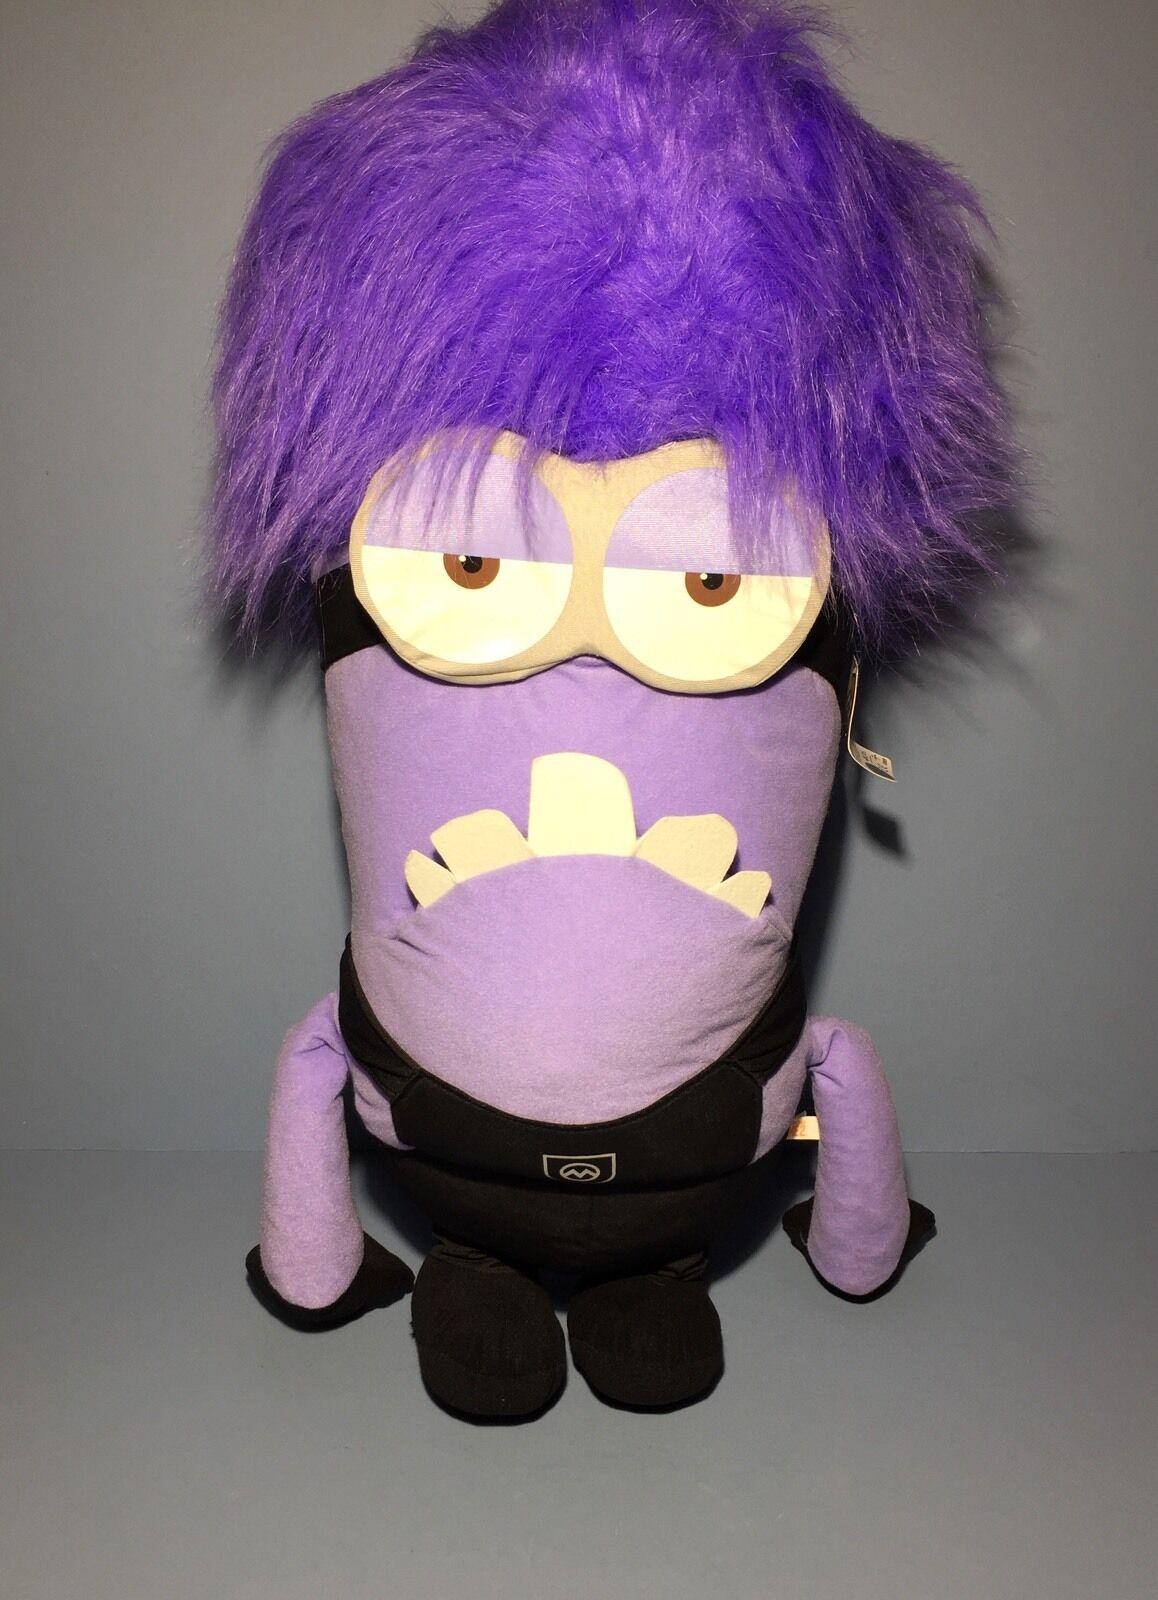 Despicable Me 2 Plush Toy 32 32 32  Evil Purple Two Eye Minion Stuffed Animal - NEW 44b3b2